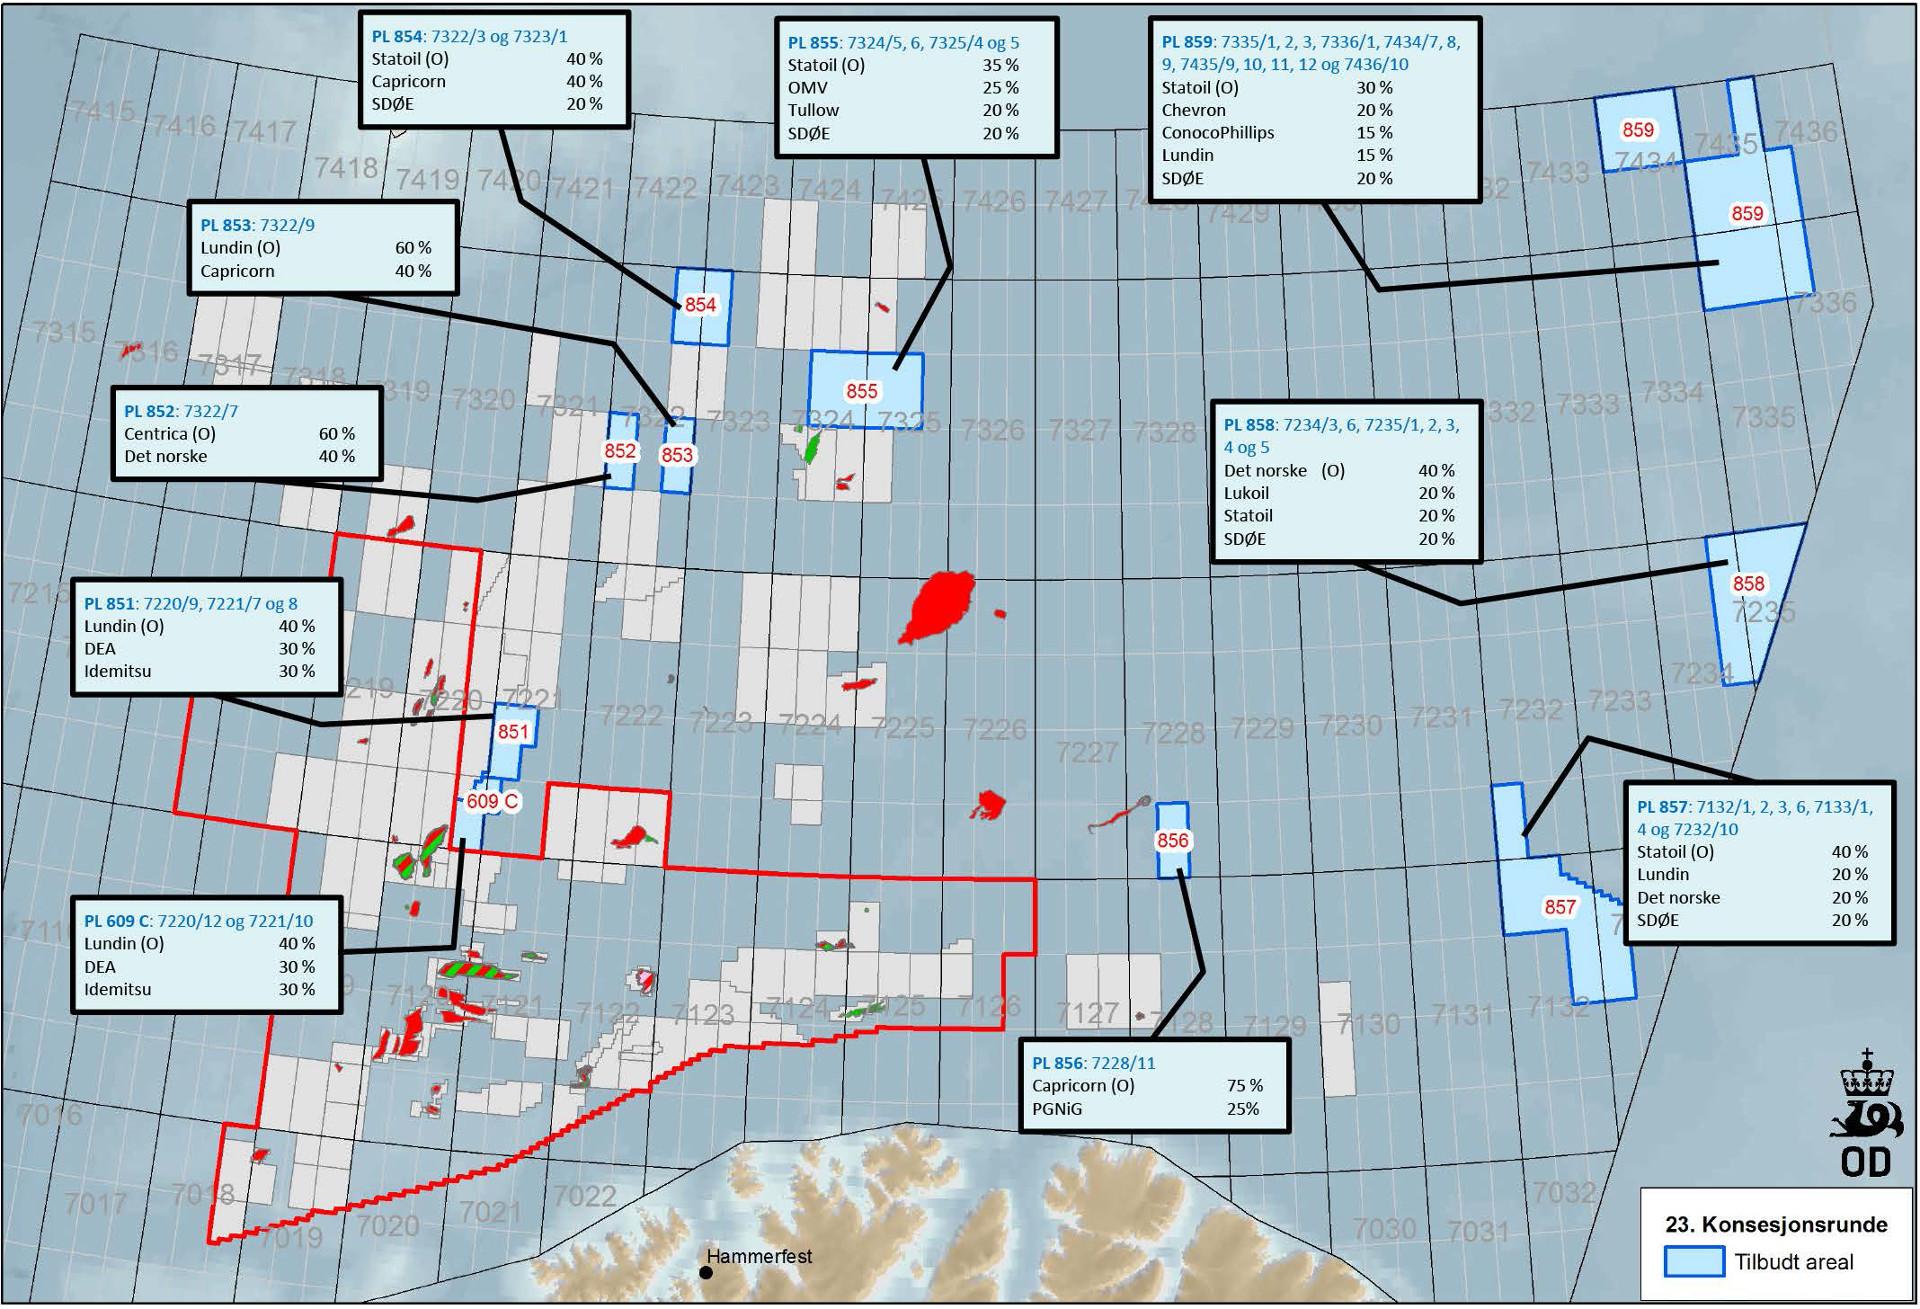 kart over runde Kart over tildelte utvinningstillatelser 23. konsesjonsrunde  kart over runde